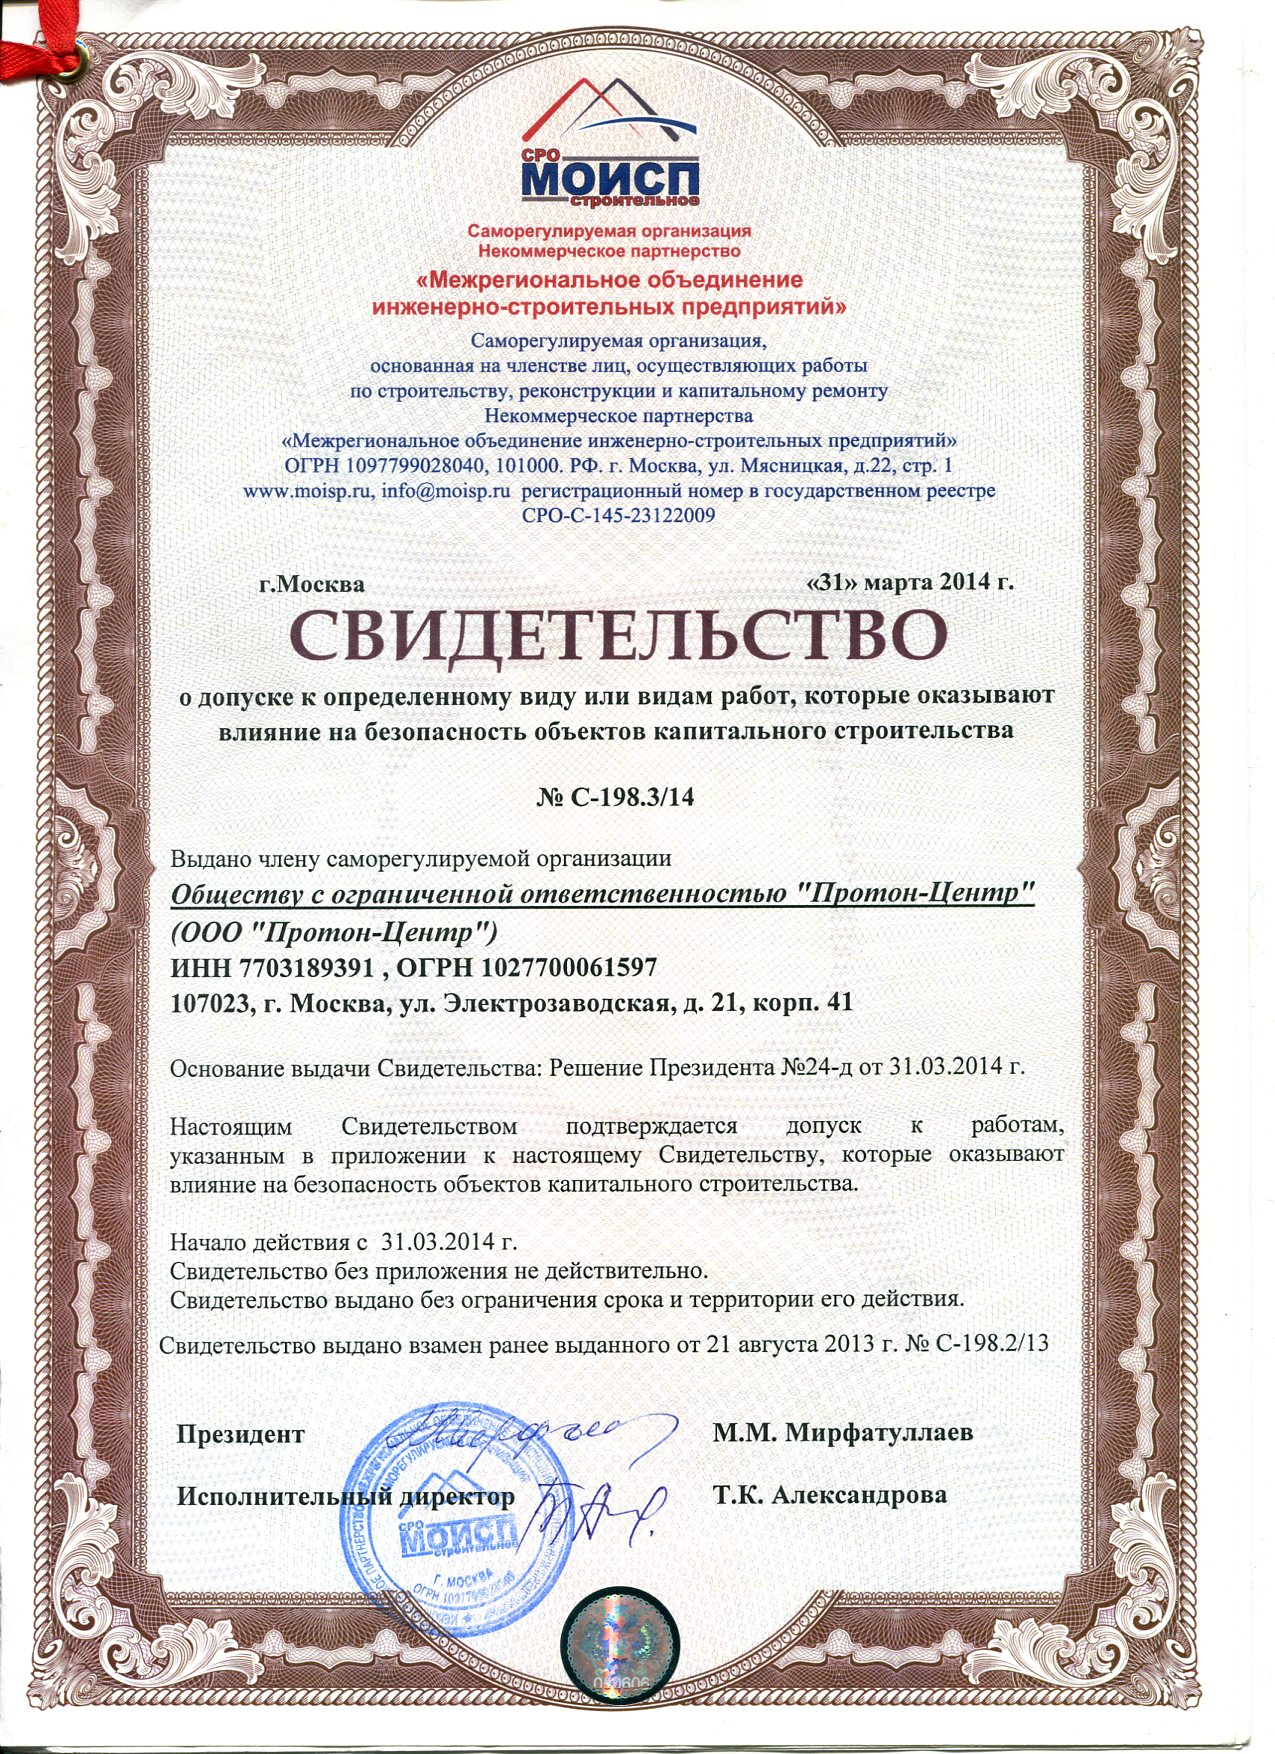 Свидетельство МОИСП новое001